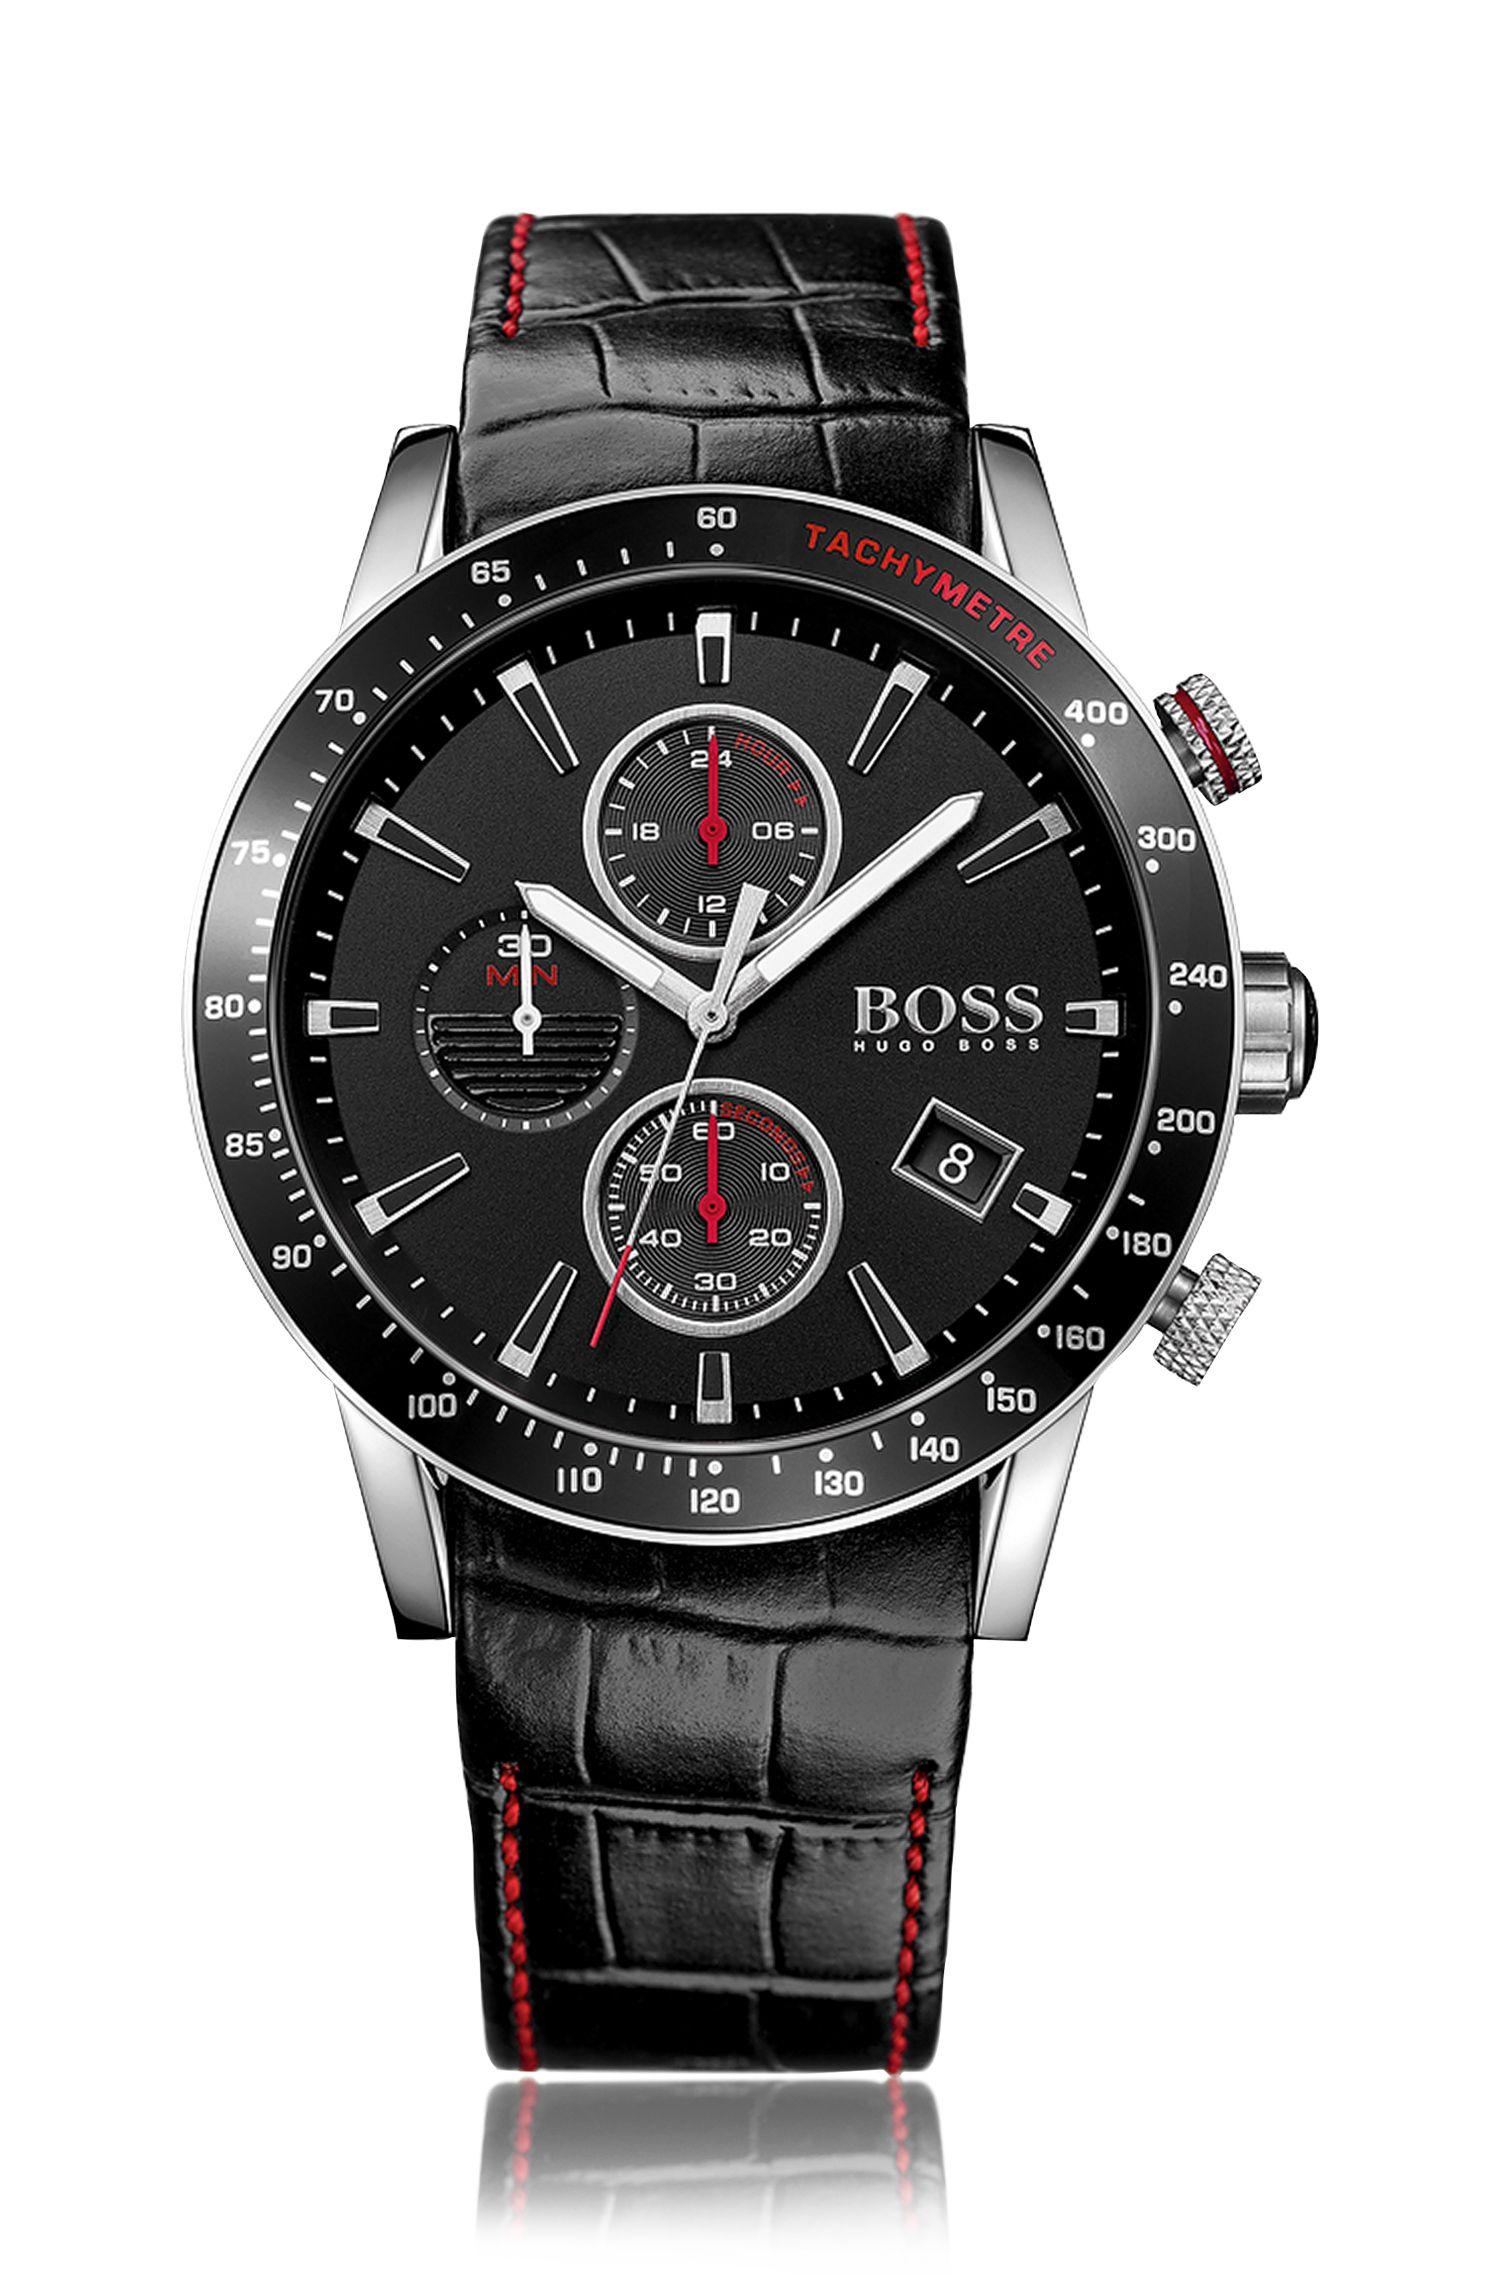 Montre chronographe en acier inoxydable noir avec un cadran noir et un bracelet en cuir